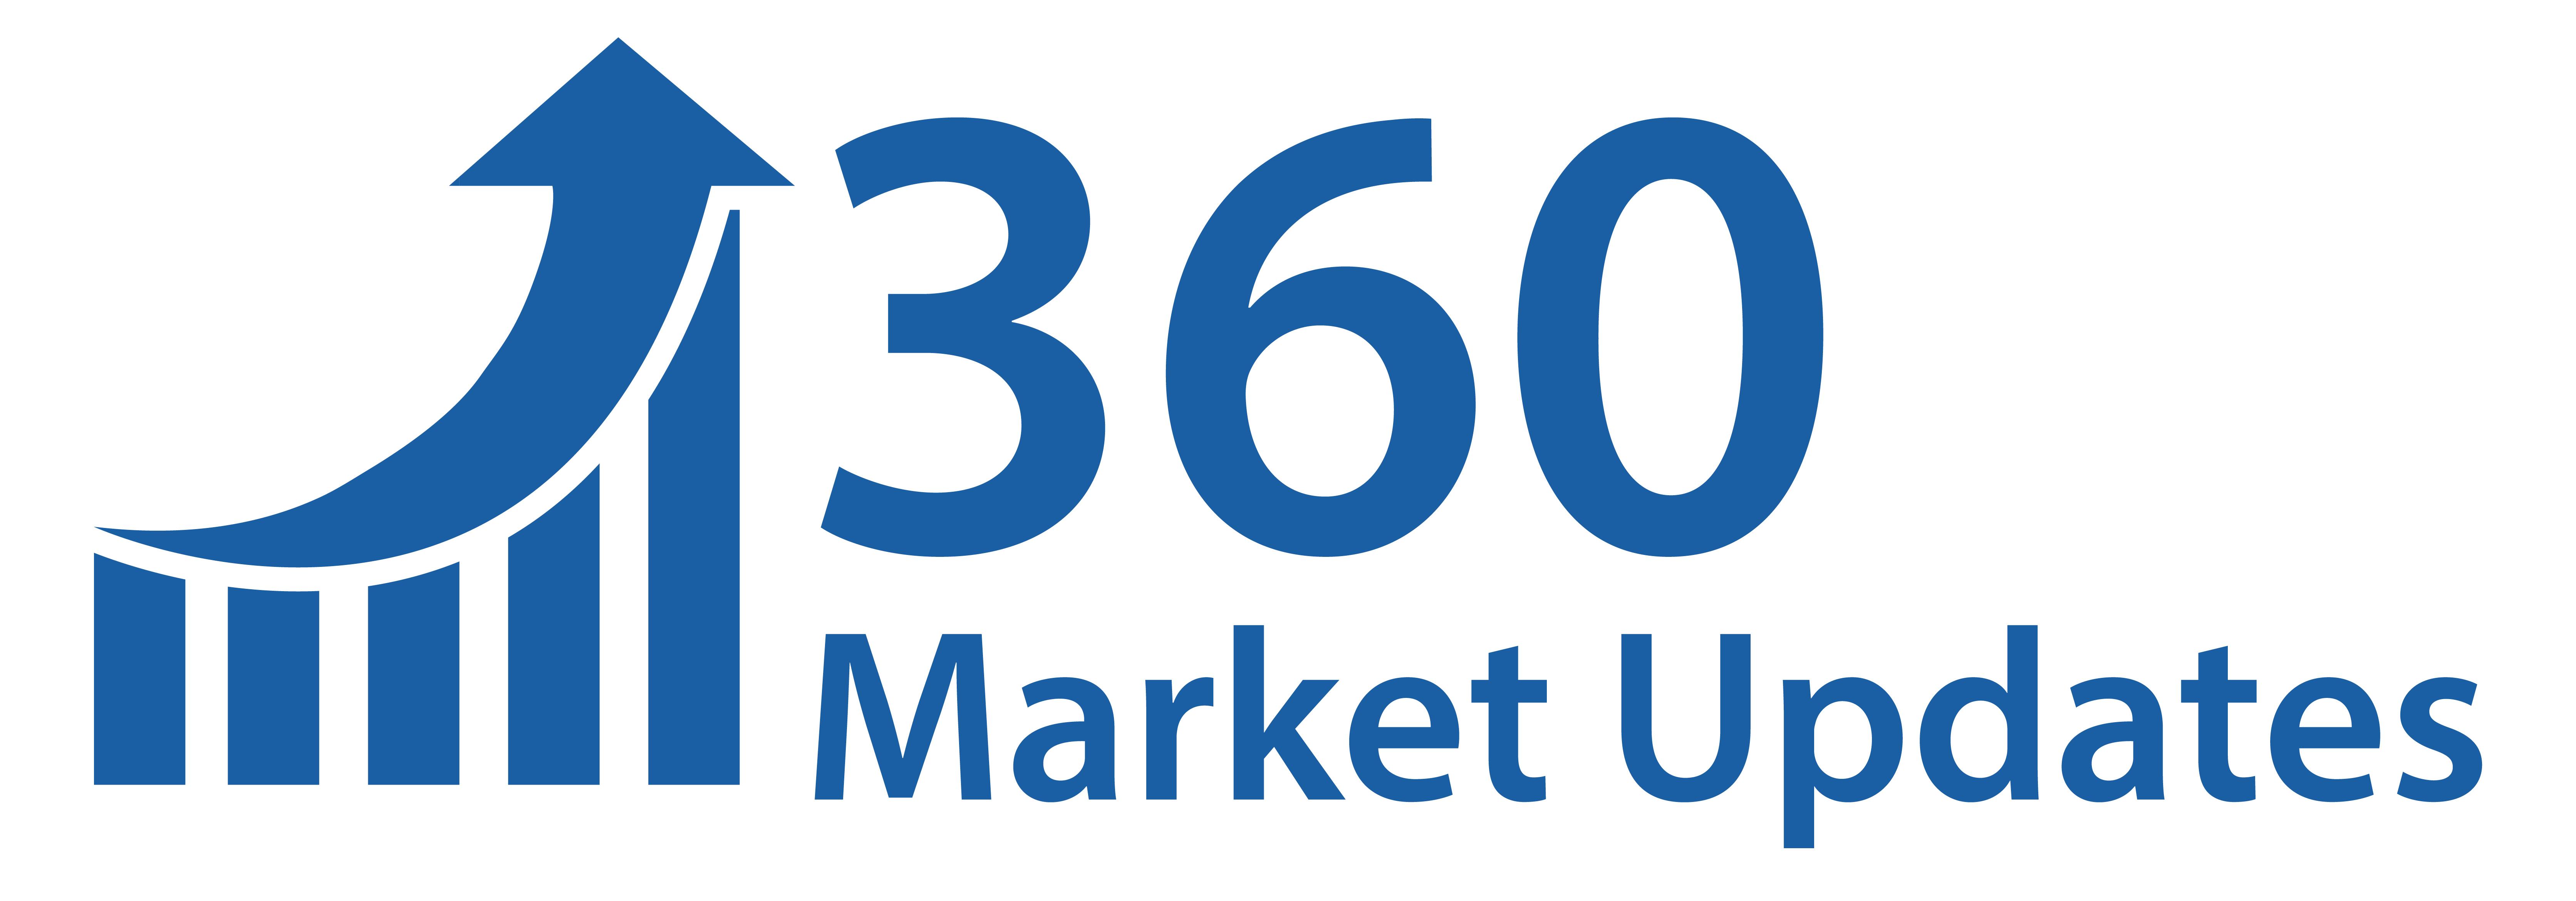 Semi-Graphitic Cathode Block Market 2020 – Industrienachfrage, Aktie, Größe, Zukunftstrends Pläne, Wachstumschancen, Schlüsselakteure, Anwendung, Nachfrage, Branchenforschungsbericht nach Regionalprognose bis 2025